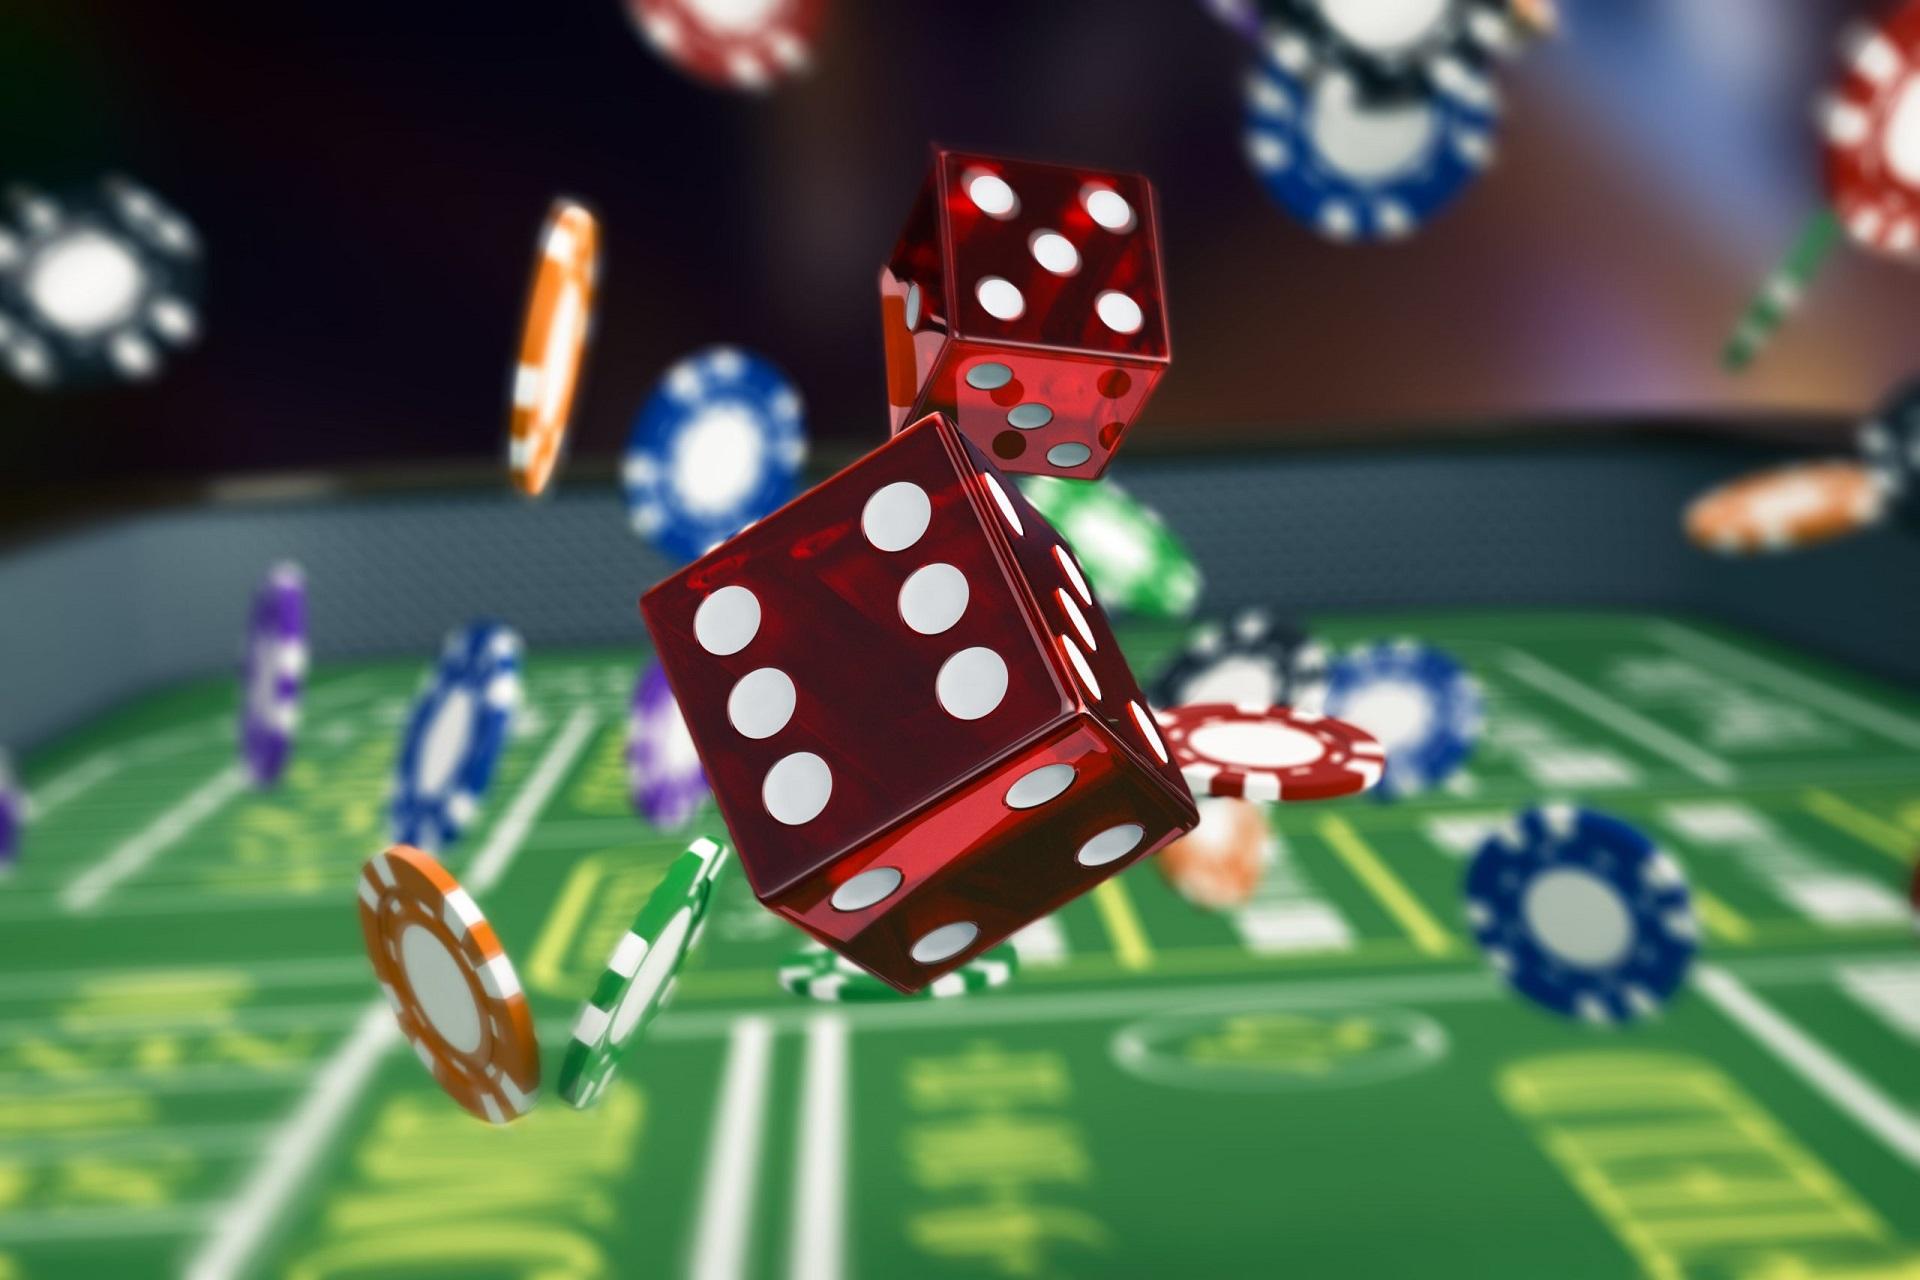 カジノにお金を預ける前に、何を心に留めておくべきですか?